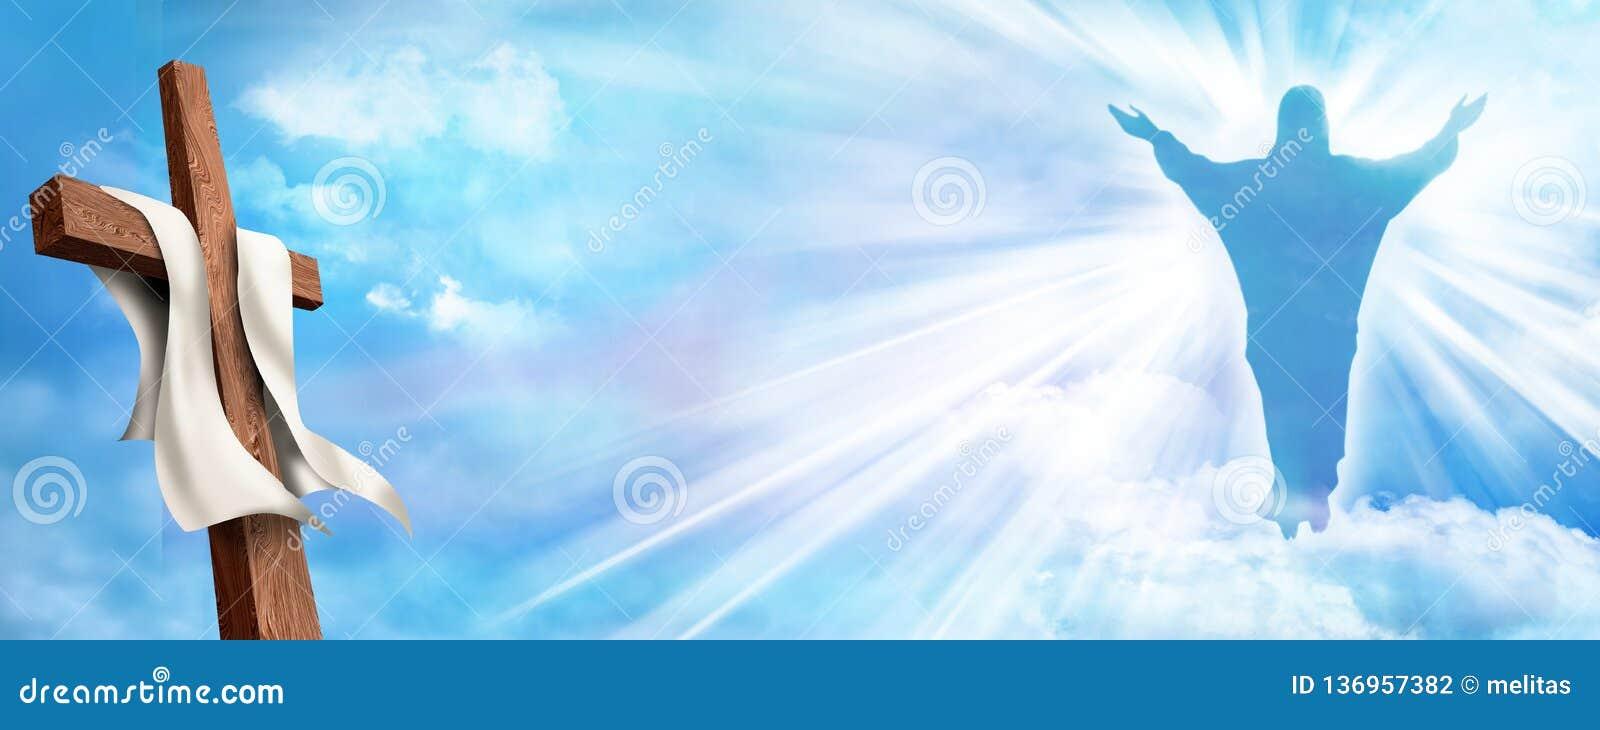 Sieć sztandaru rezurekcja Chrześcijanina krzyż z wzrastającym jezus chrystus i chmur nieba tłem Życie po śmierci